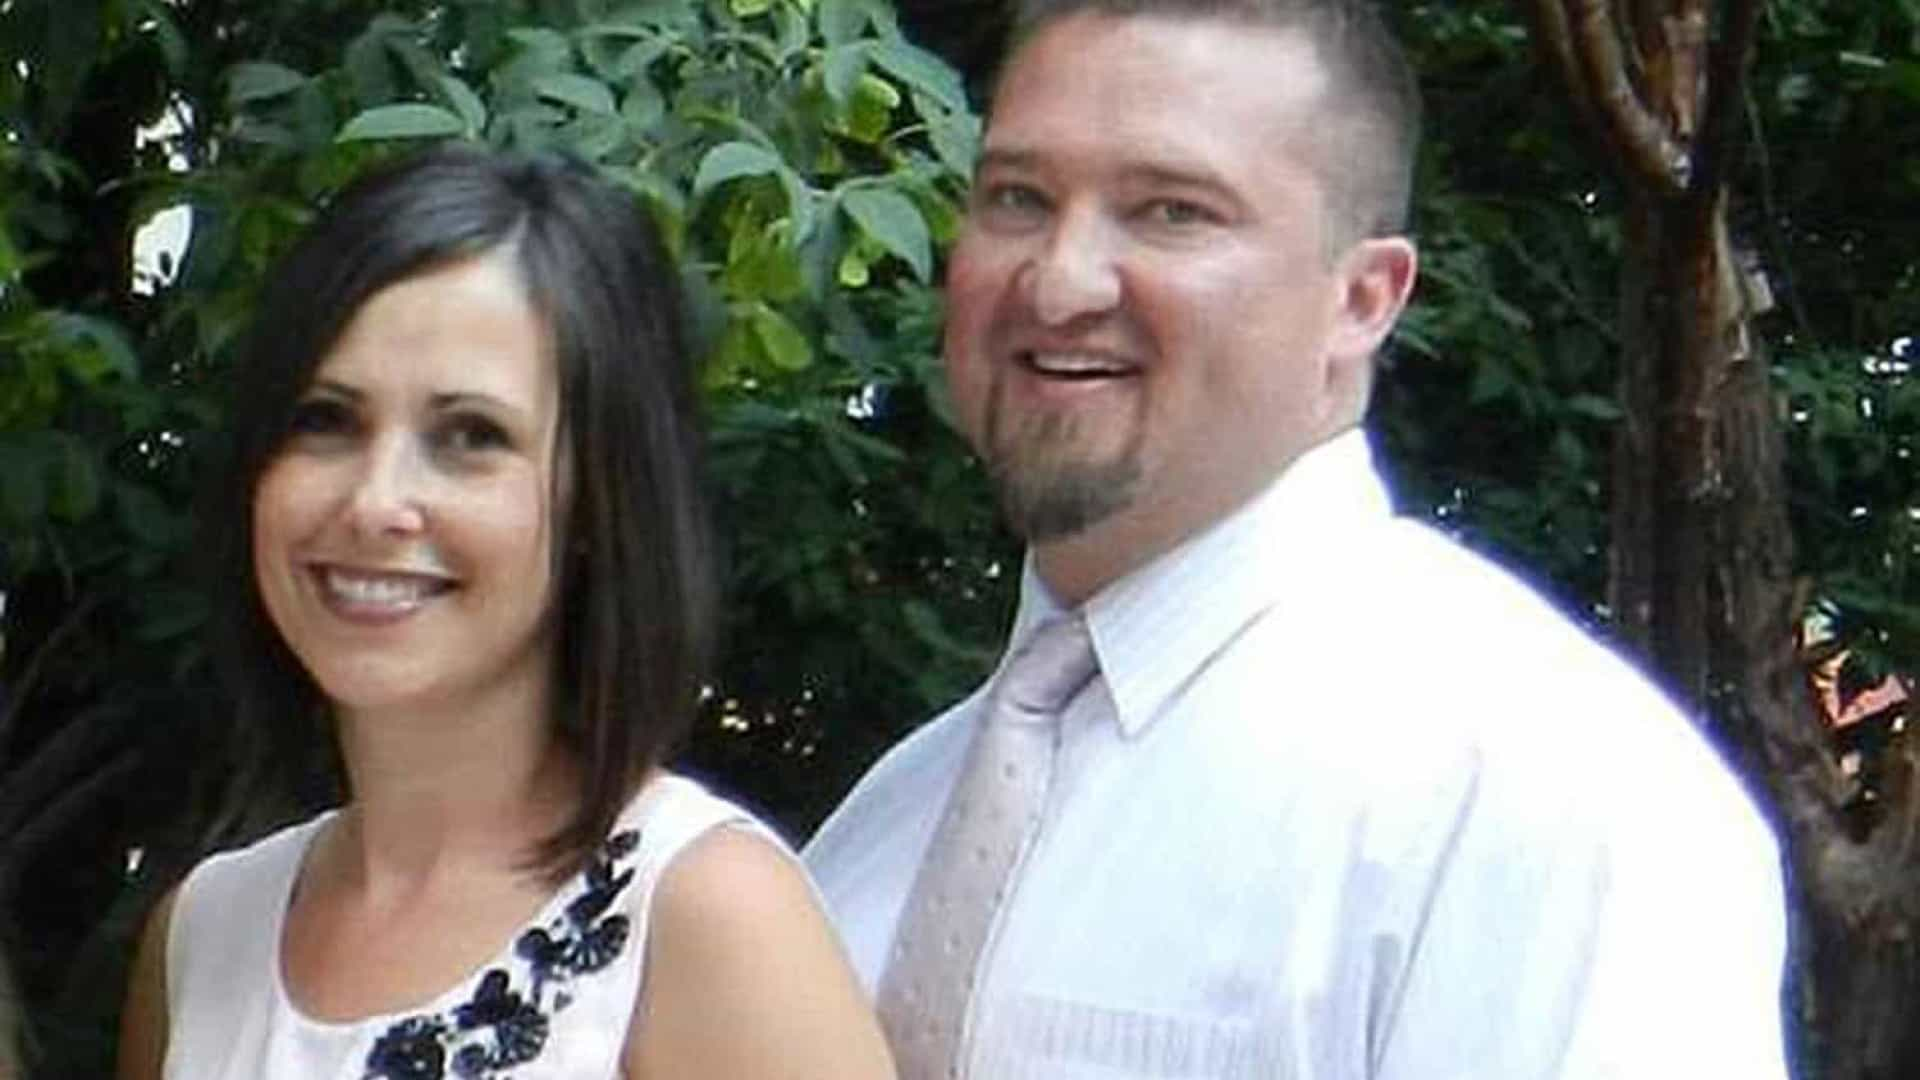 EUA: Homem que agrediu mulher até à morte é encontrado morto em cela